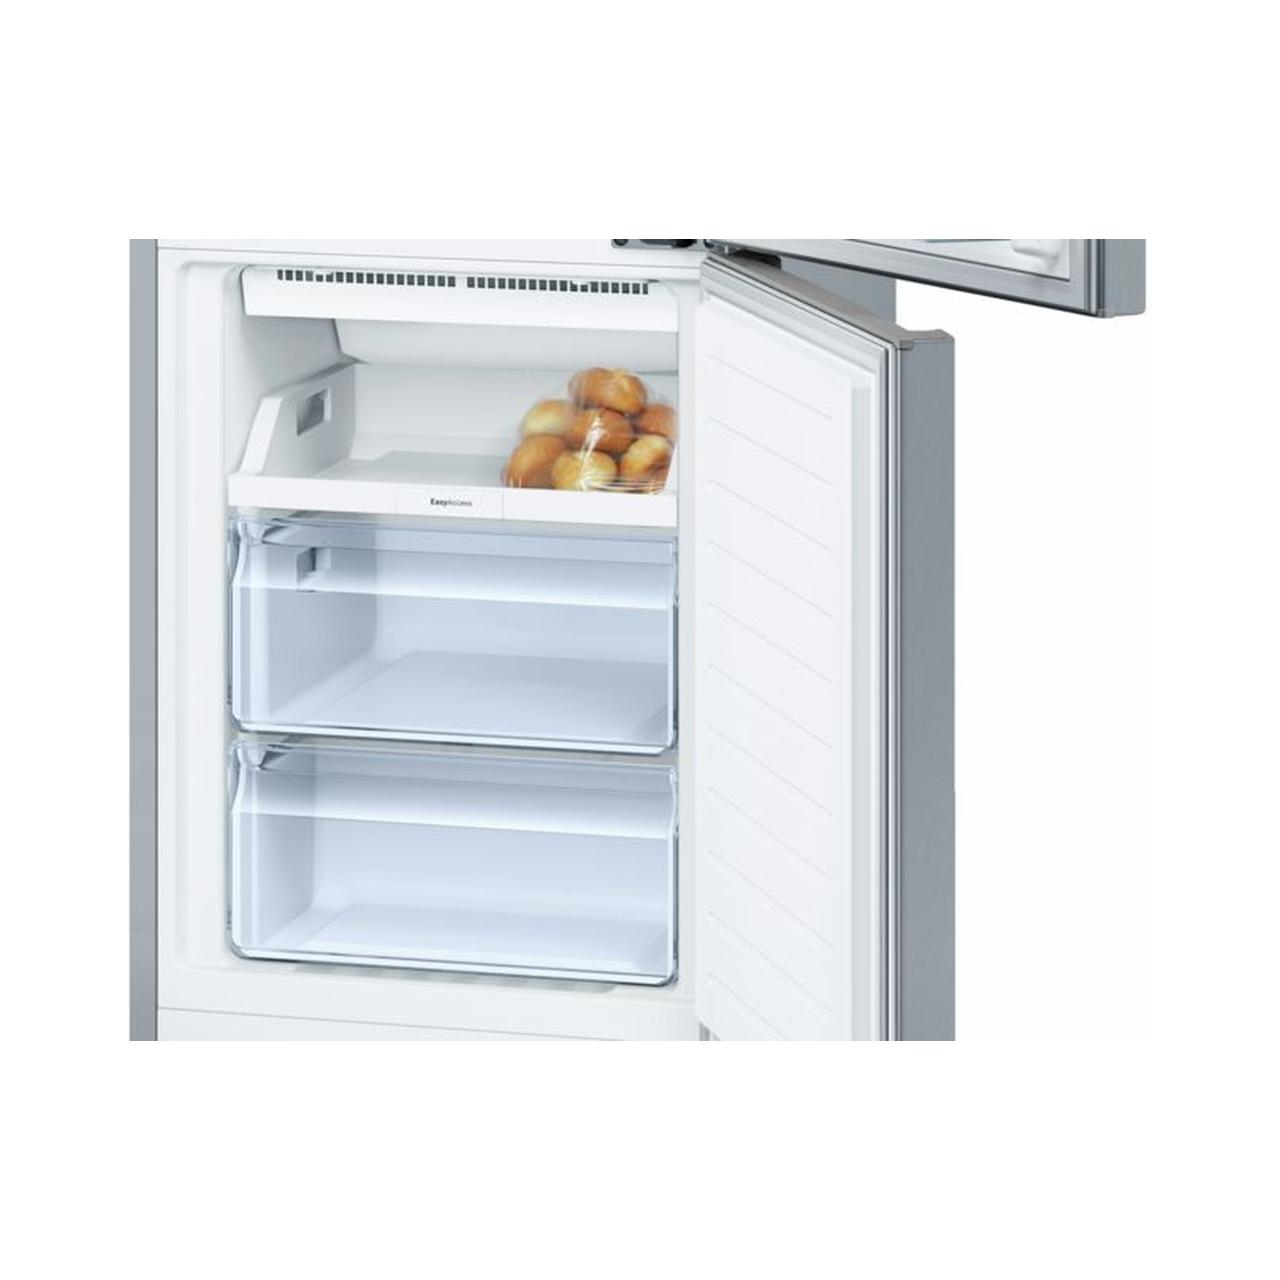 Tủ lạnh đơn BOSCH KGN33NL20G serie 2